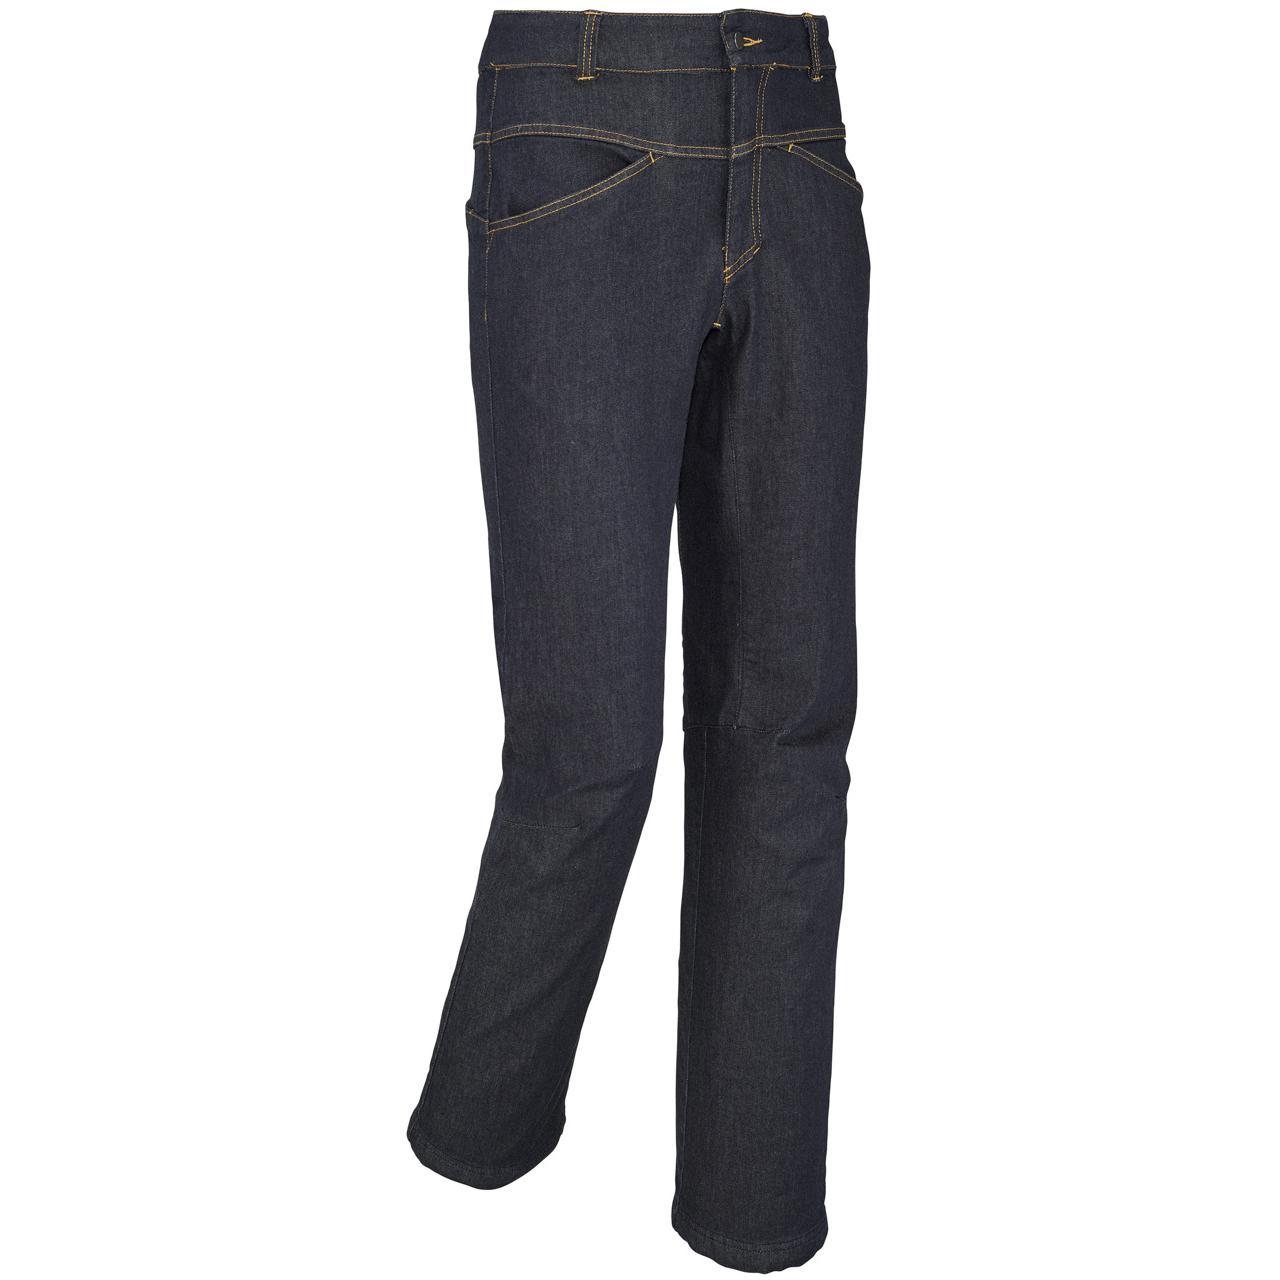 Hose-Jeans-Millet-Karambony-Hose-Denim-Dunkel-Blau-15043-Neu